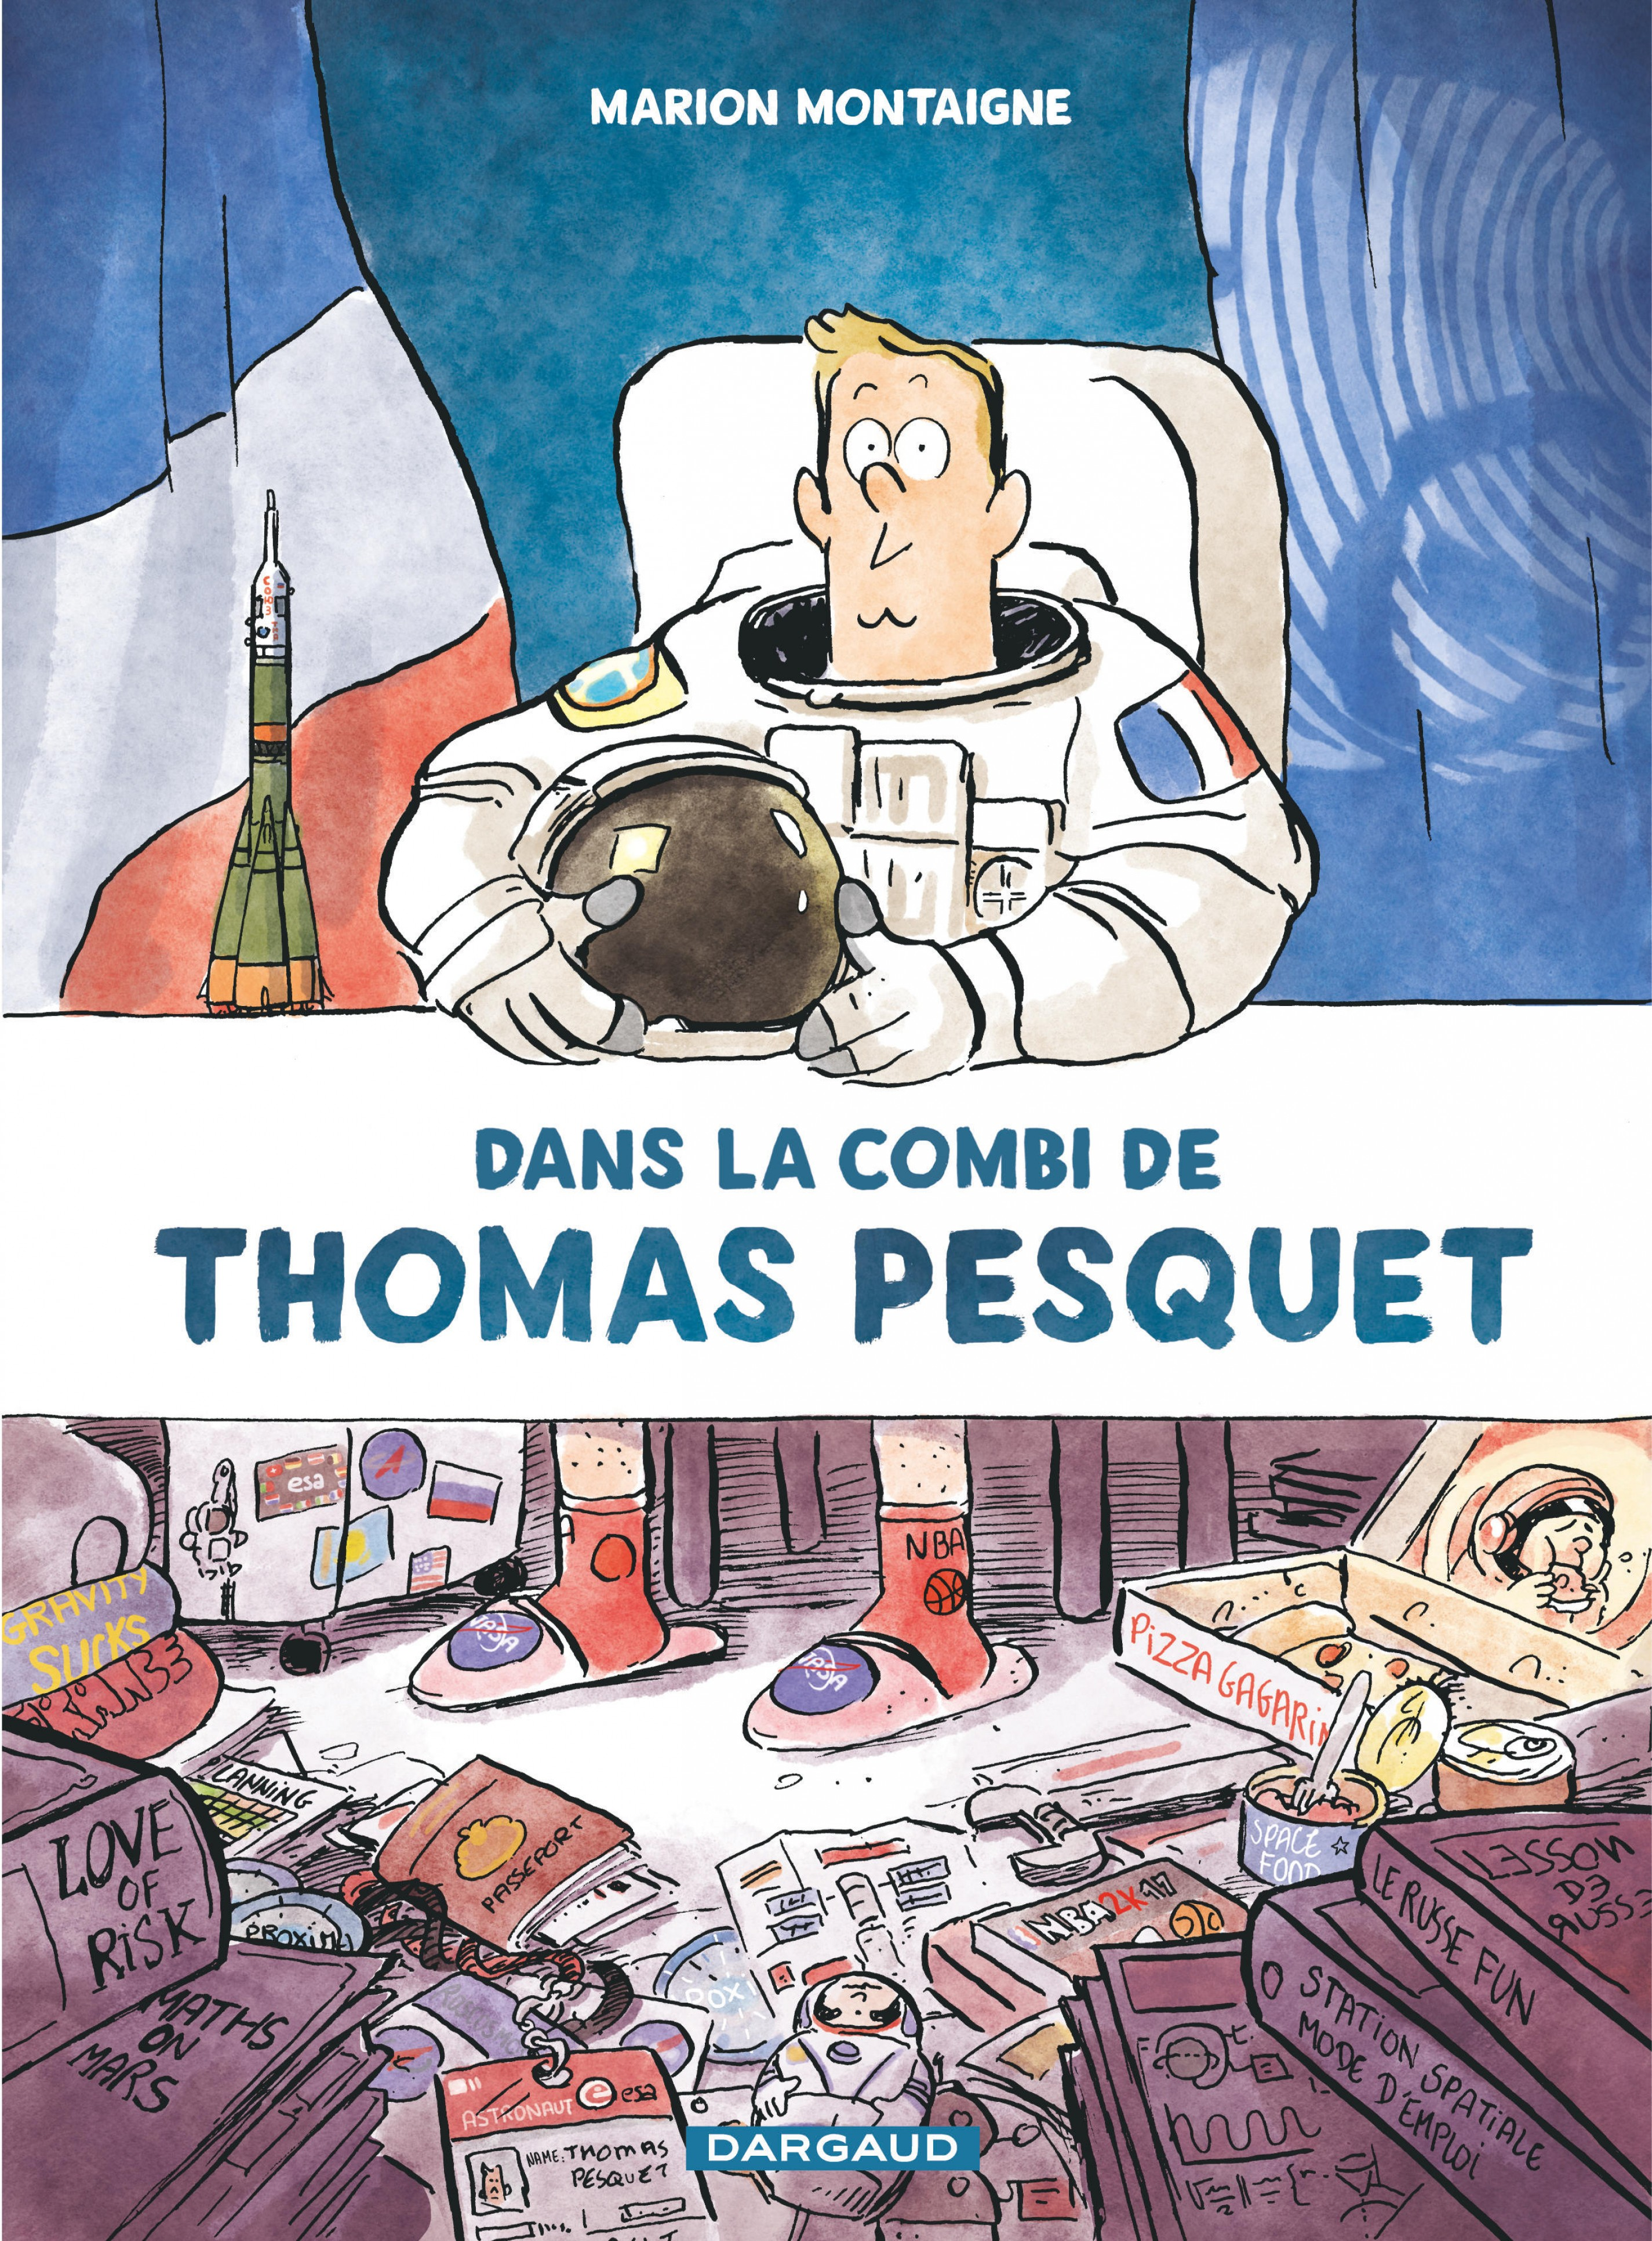 Couverture : Dans la combi de Thomas Pesquet Marion Montaigne